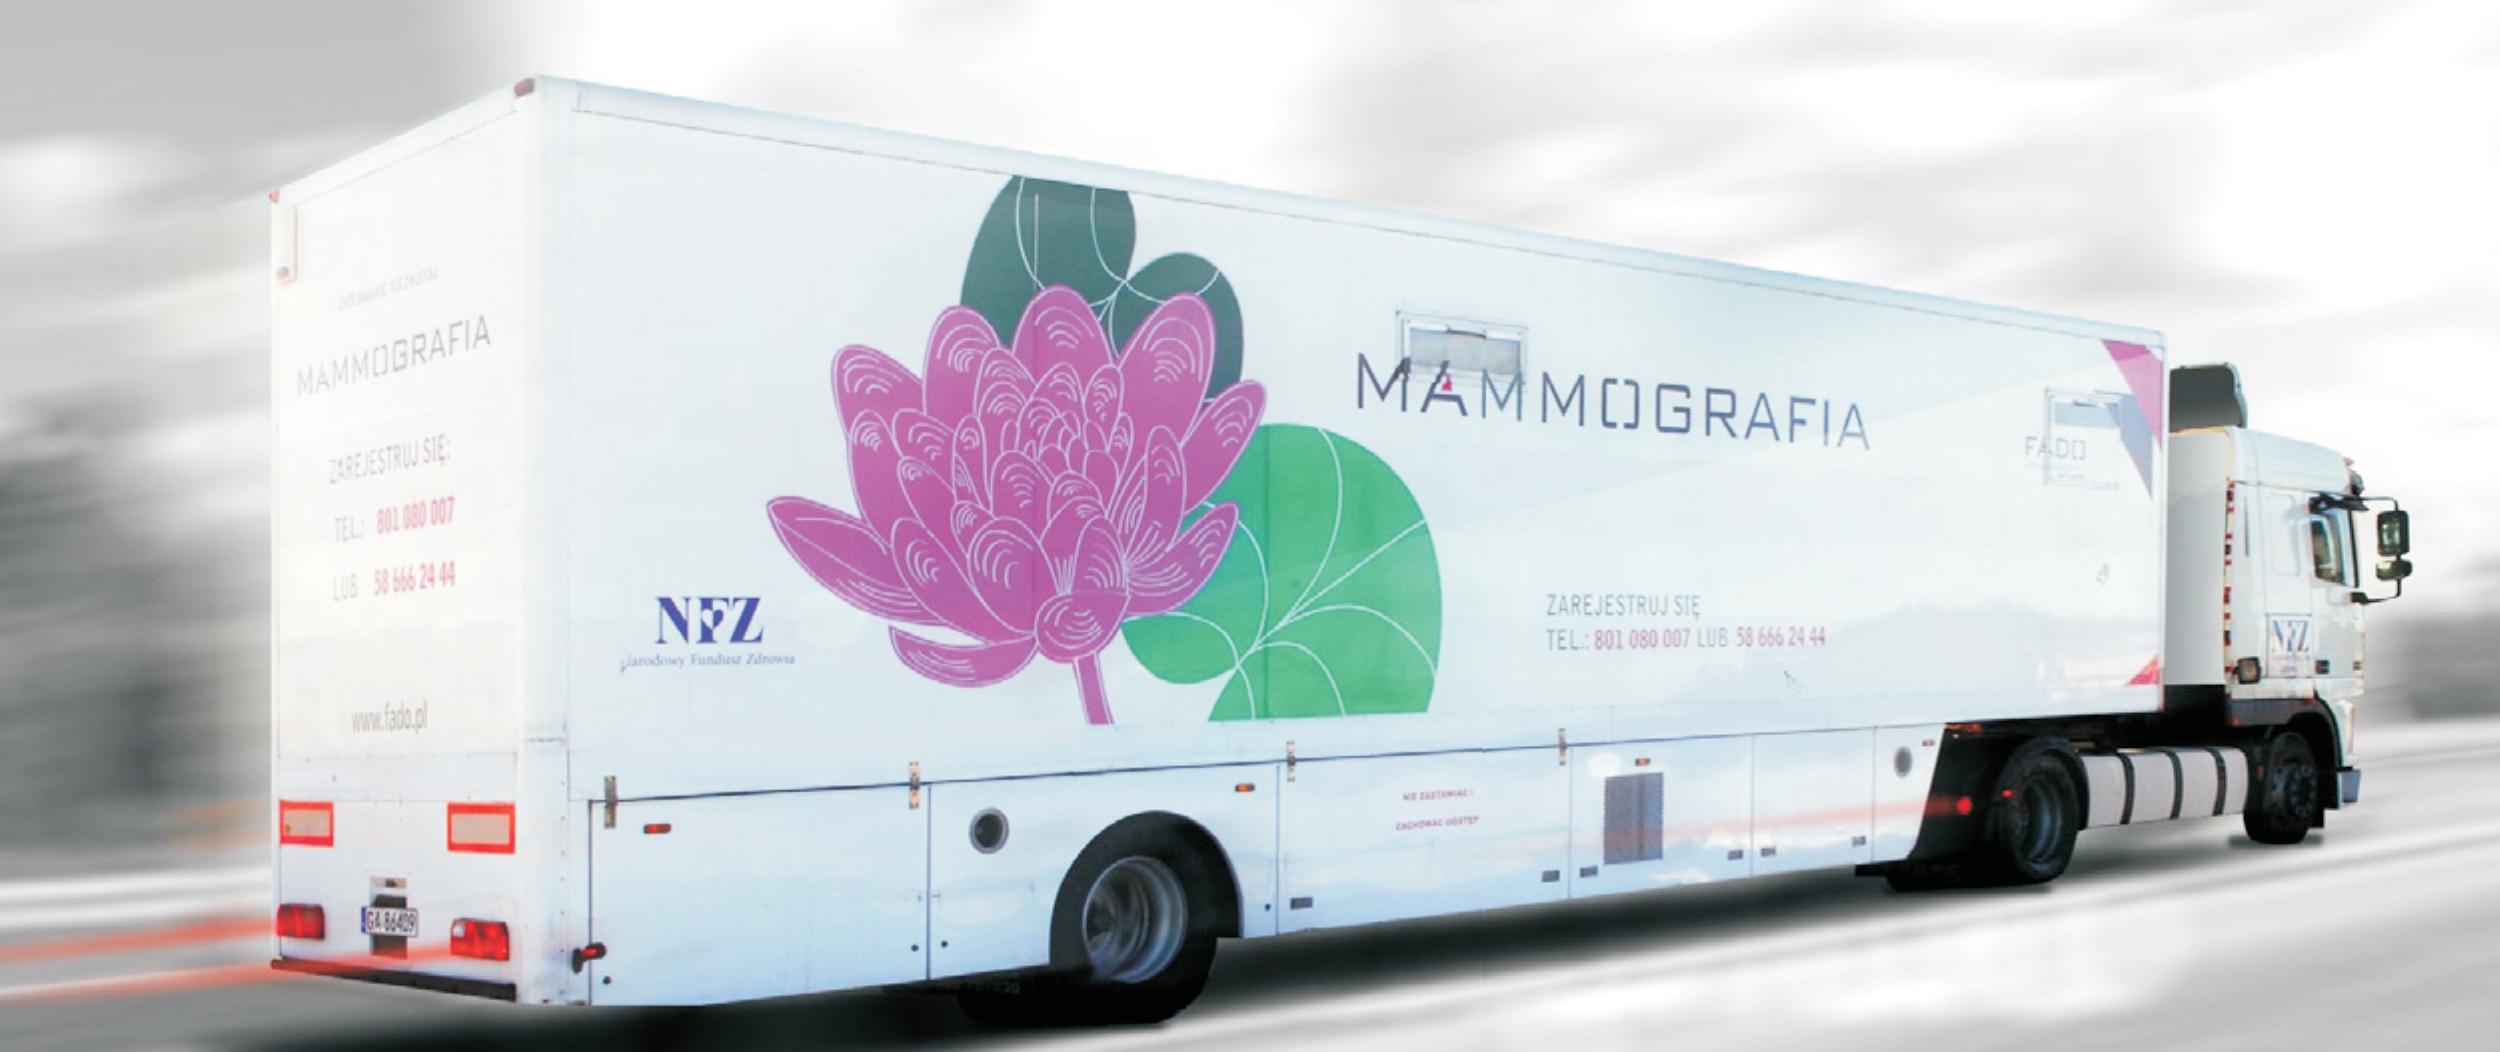 Kończysz 50 lat? Wykonaj mammografię!